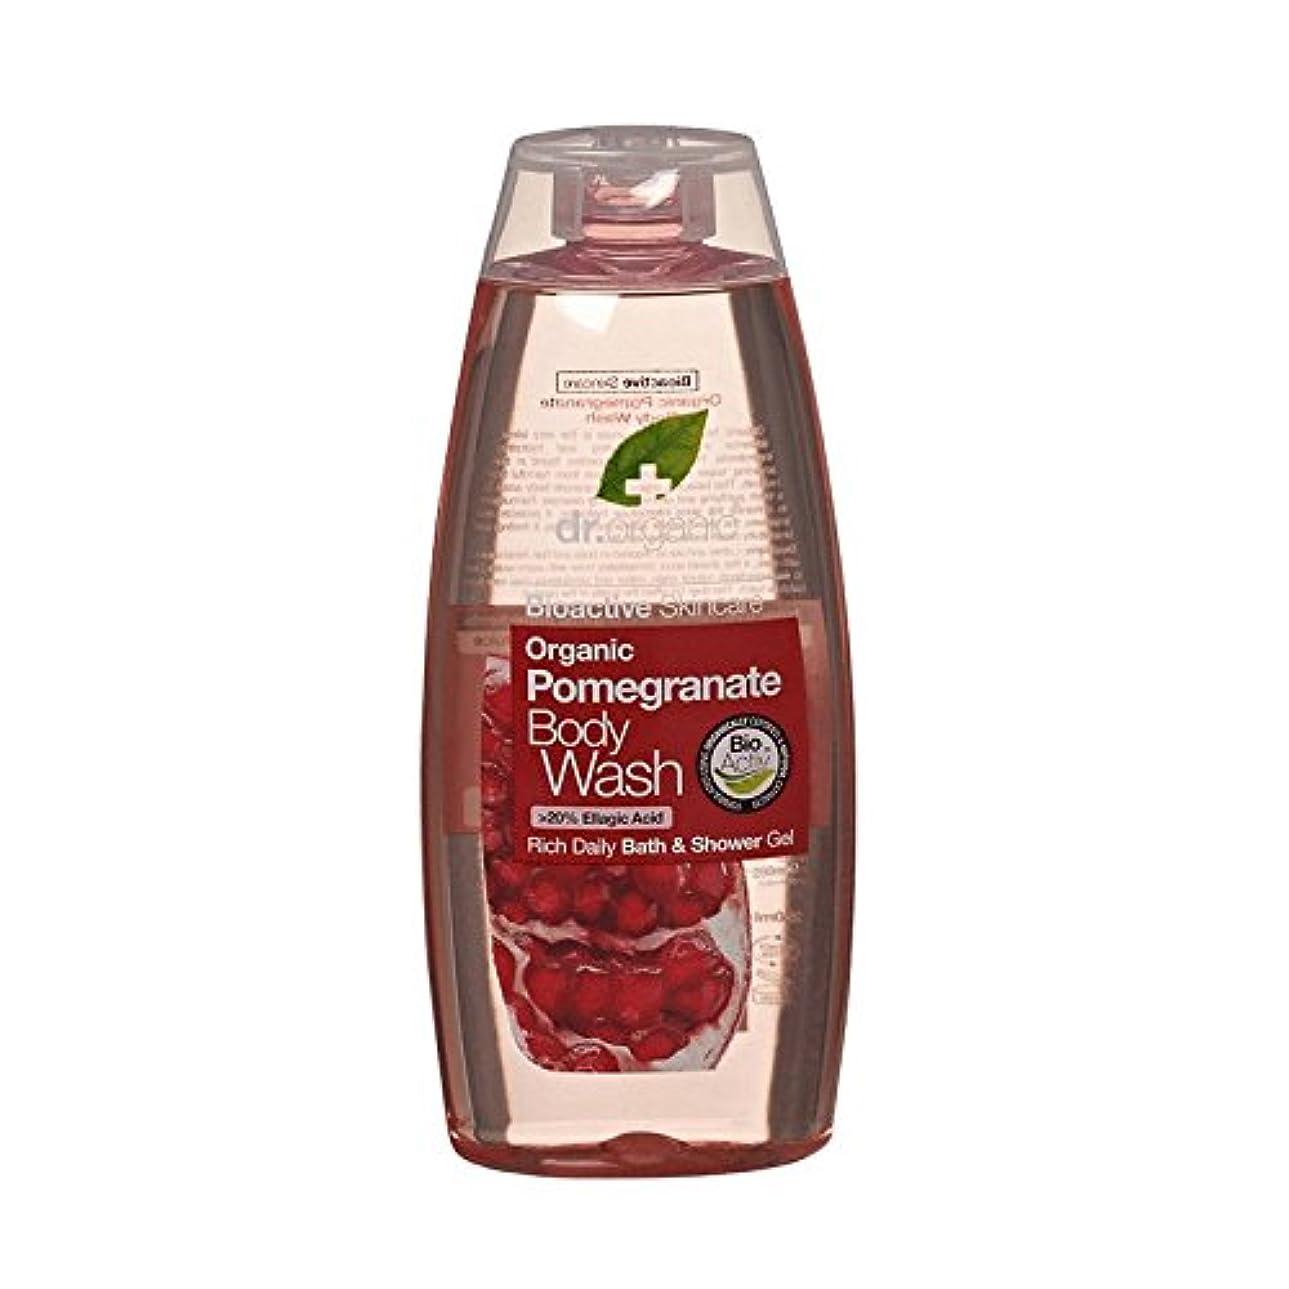 効果的にトランクライブラリ幻想的Dr Organic Pomegranate Body Wash (Pack of 2) - Dr有機ザクロボディウォッシュ (x2) [並行輸入品]